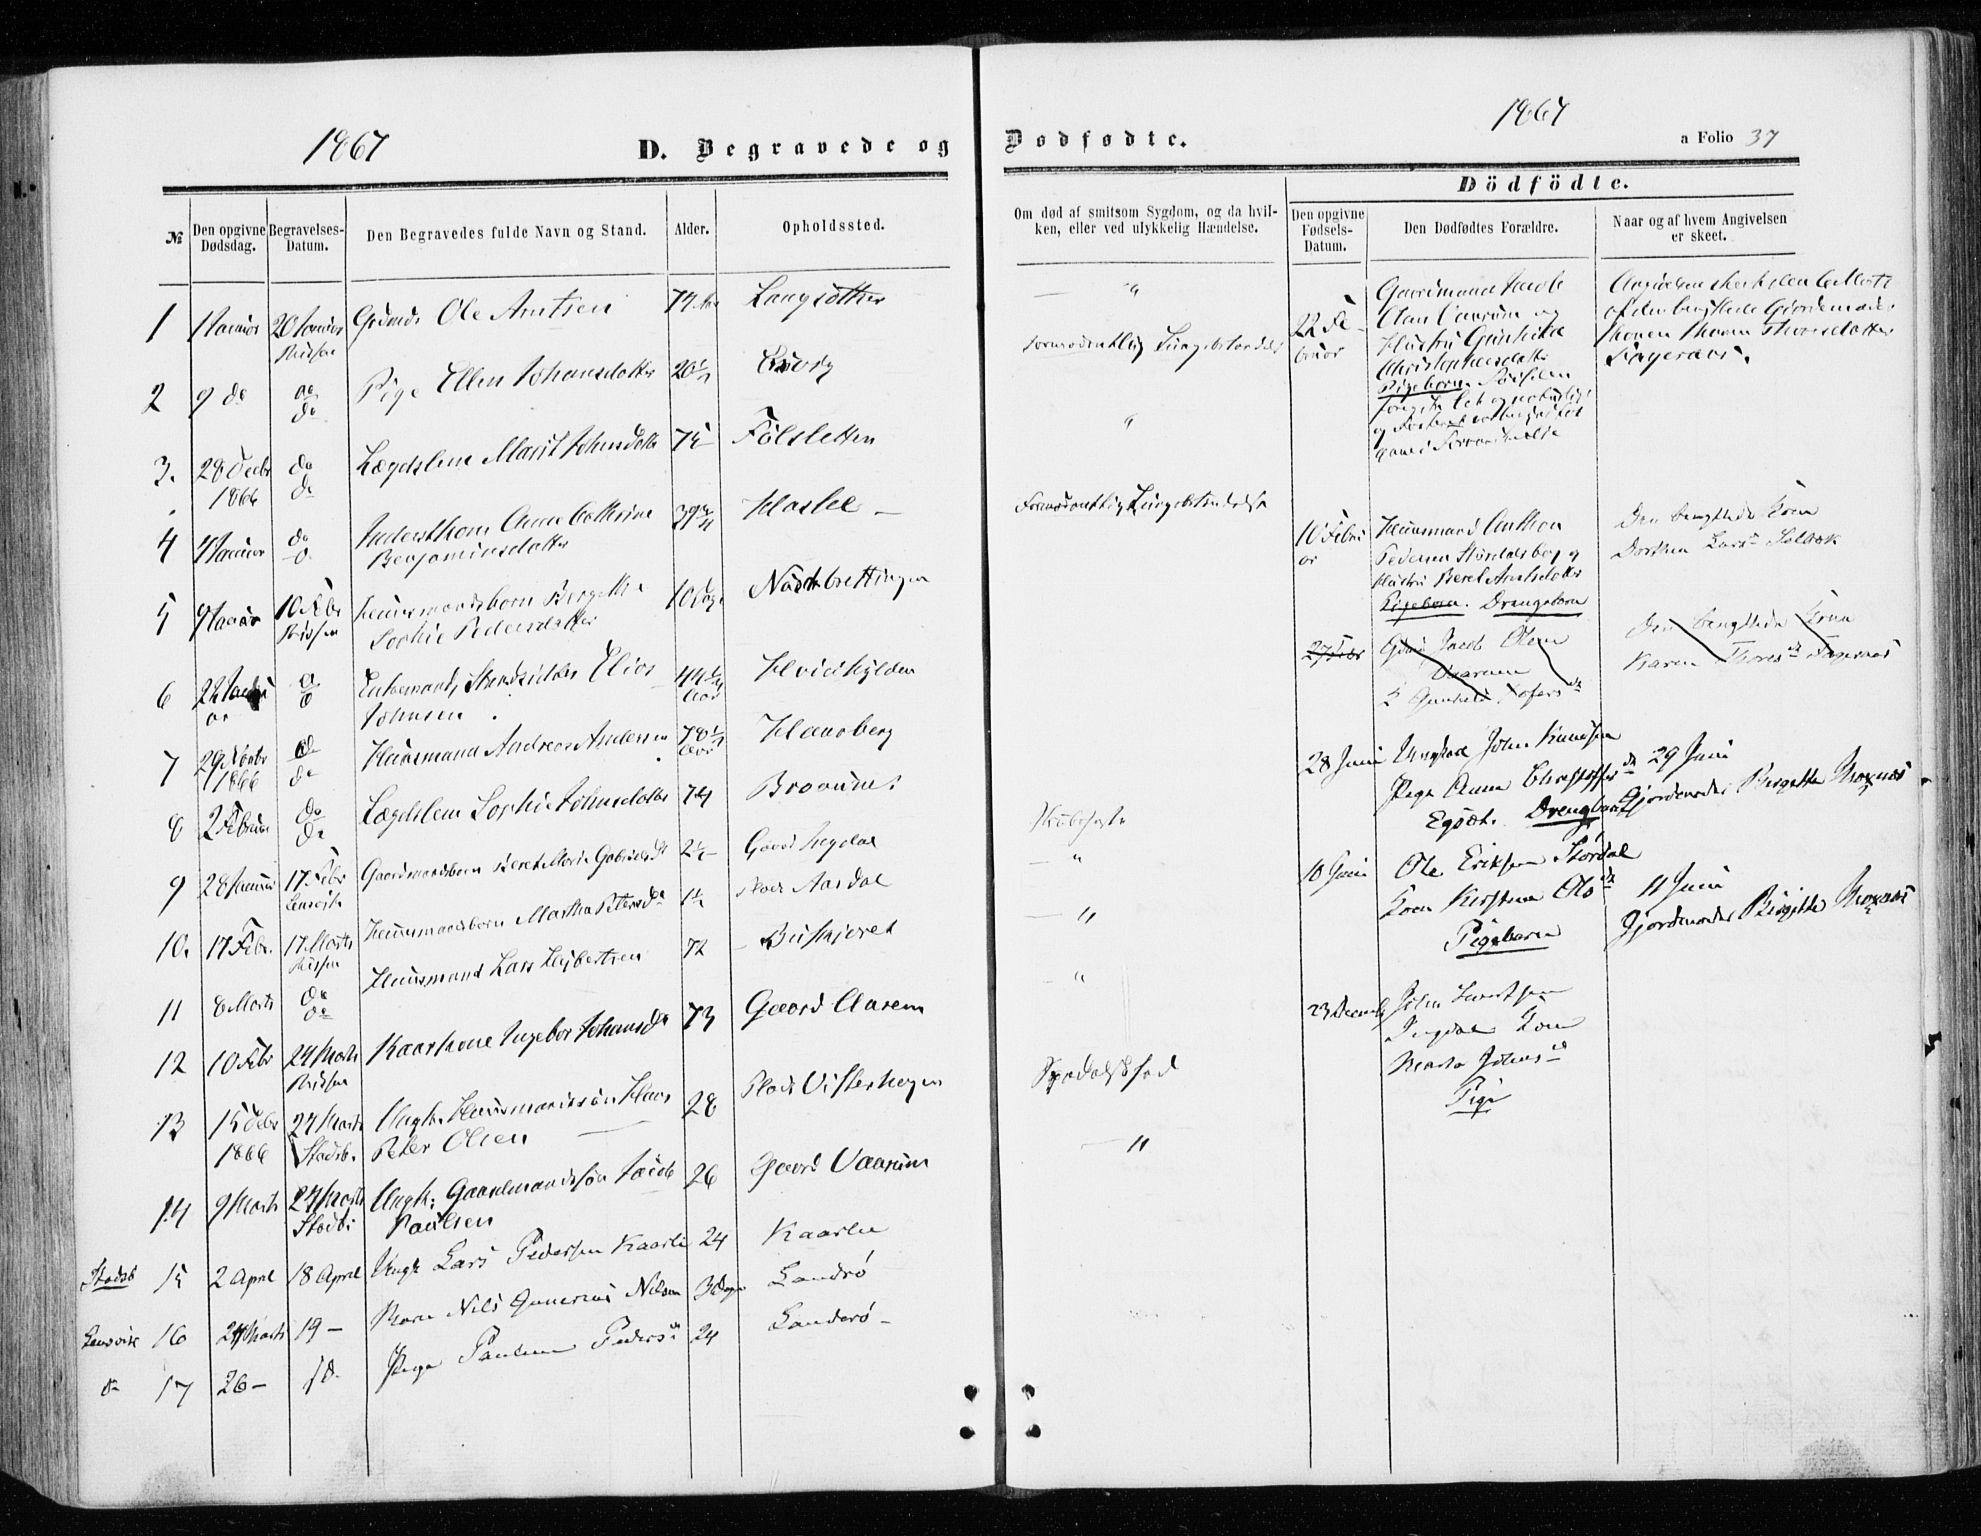 SAT, Ministerialprotokoller, klokkerbøker og fødselsregistre - Sør-Trøndelag, 646/L0612: Ministerialbok nr. 646A10, 1858-1869, s. 37